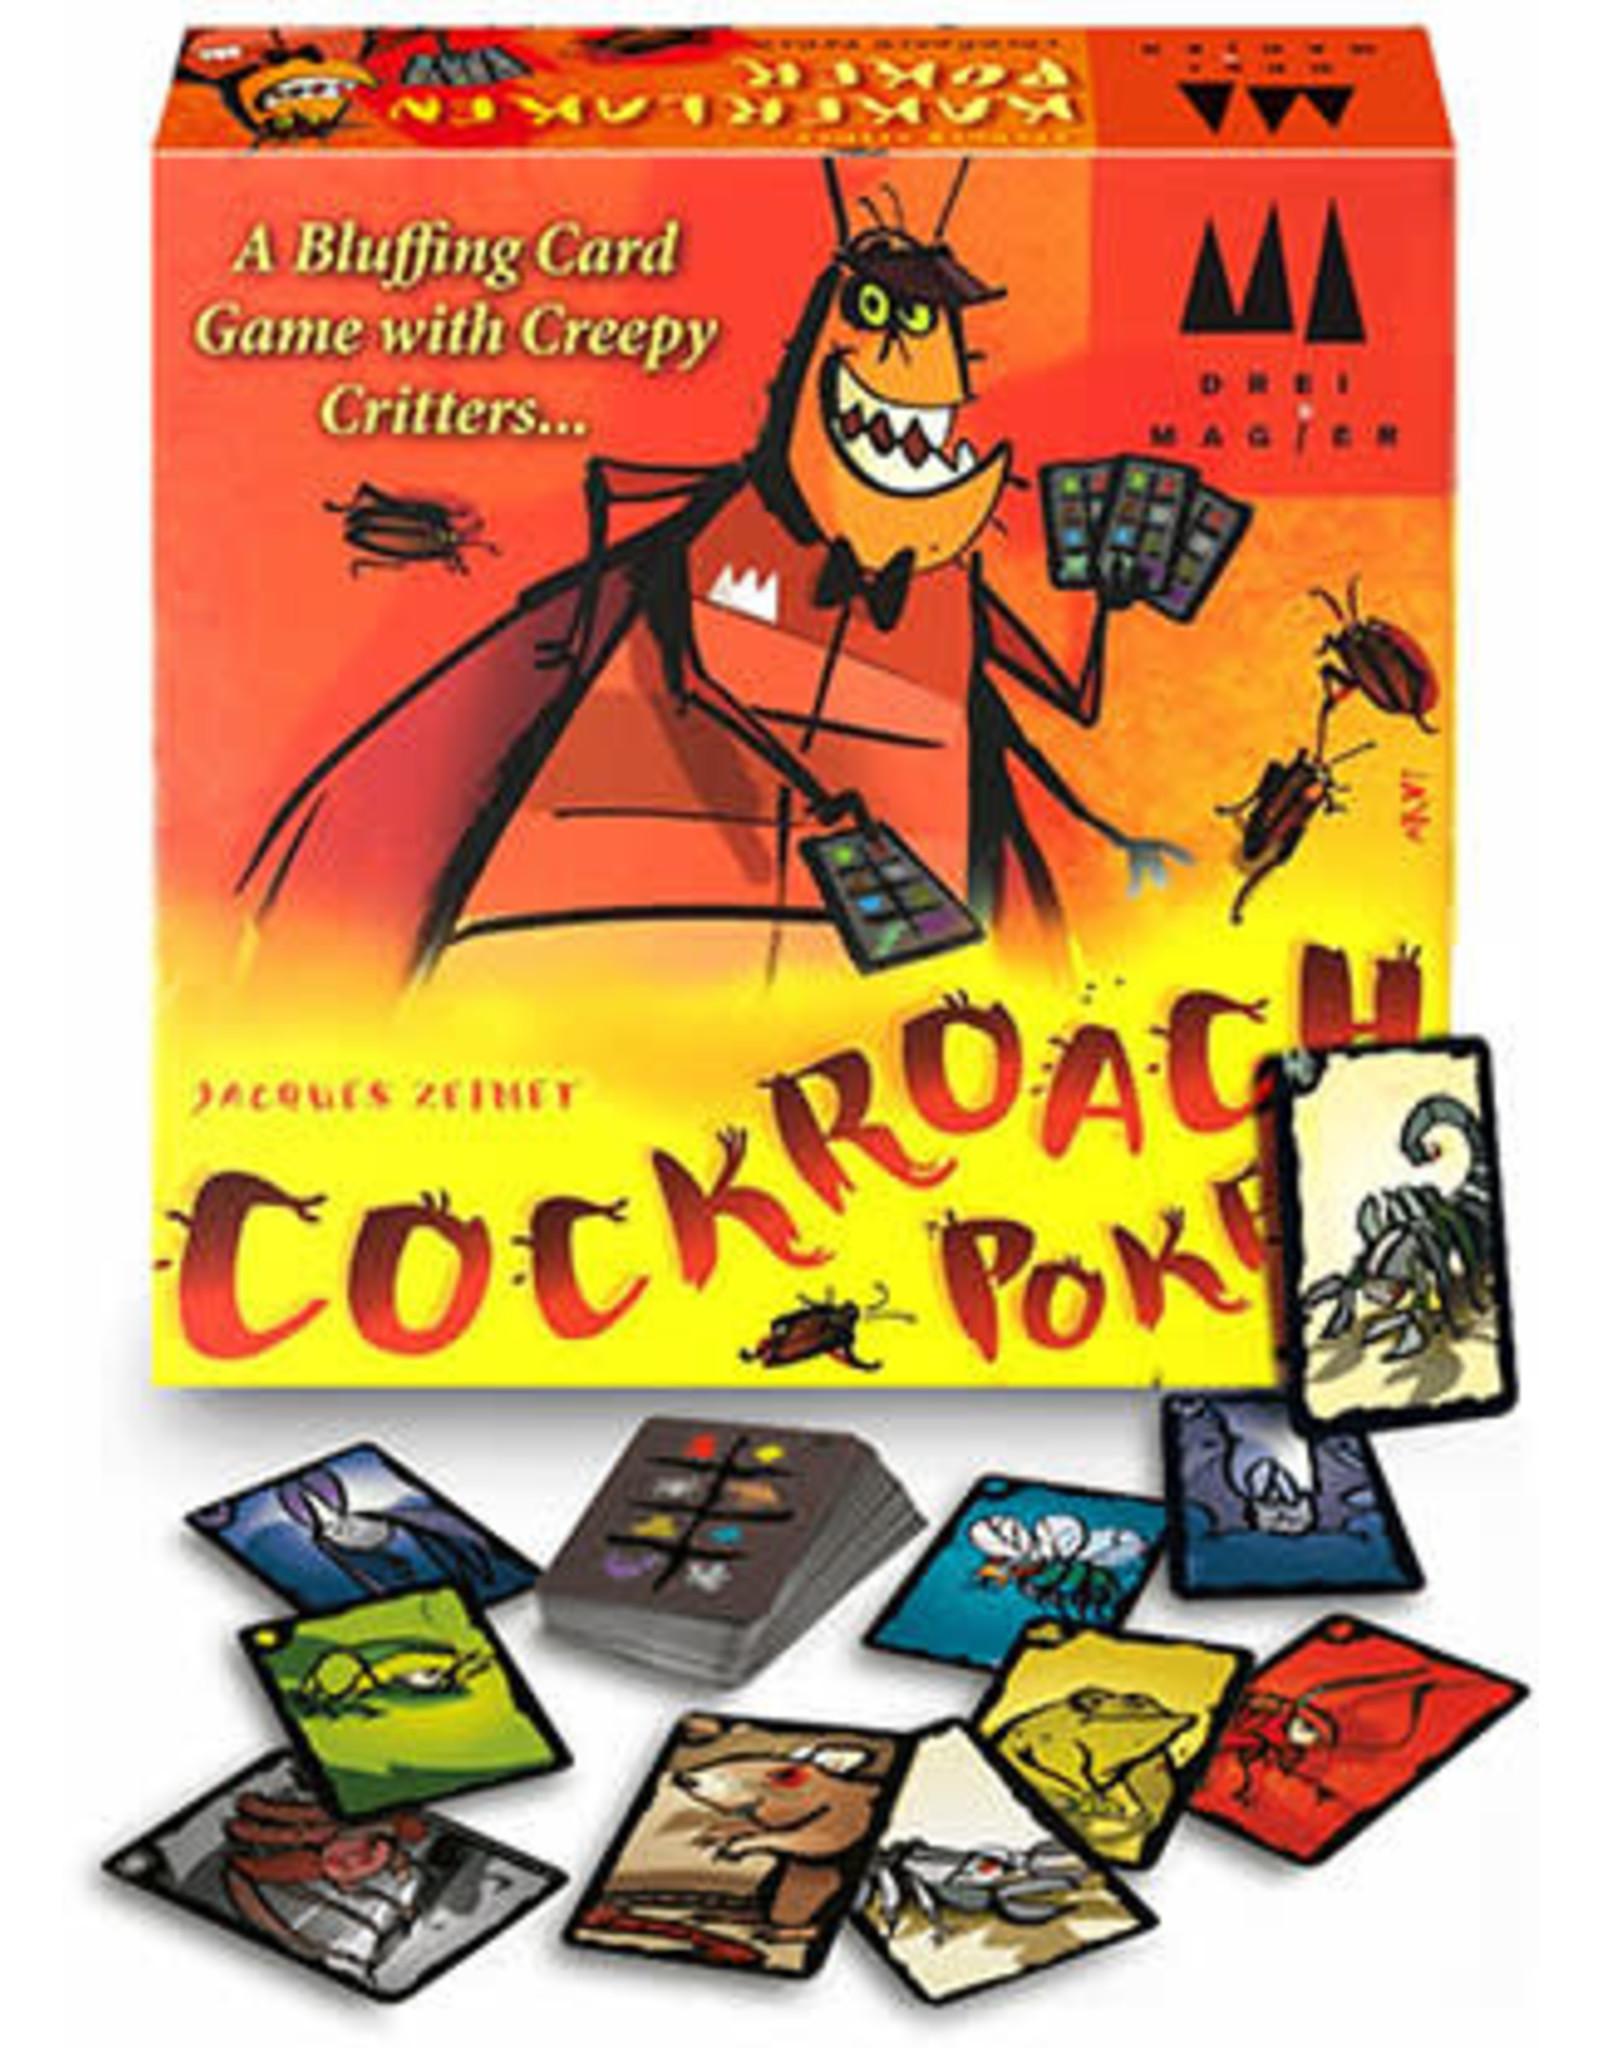 Drei Magier Cockroach Poker